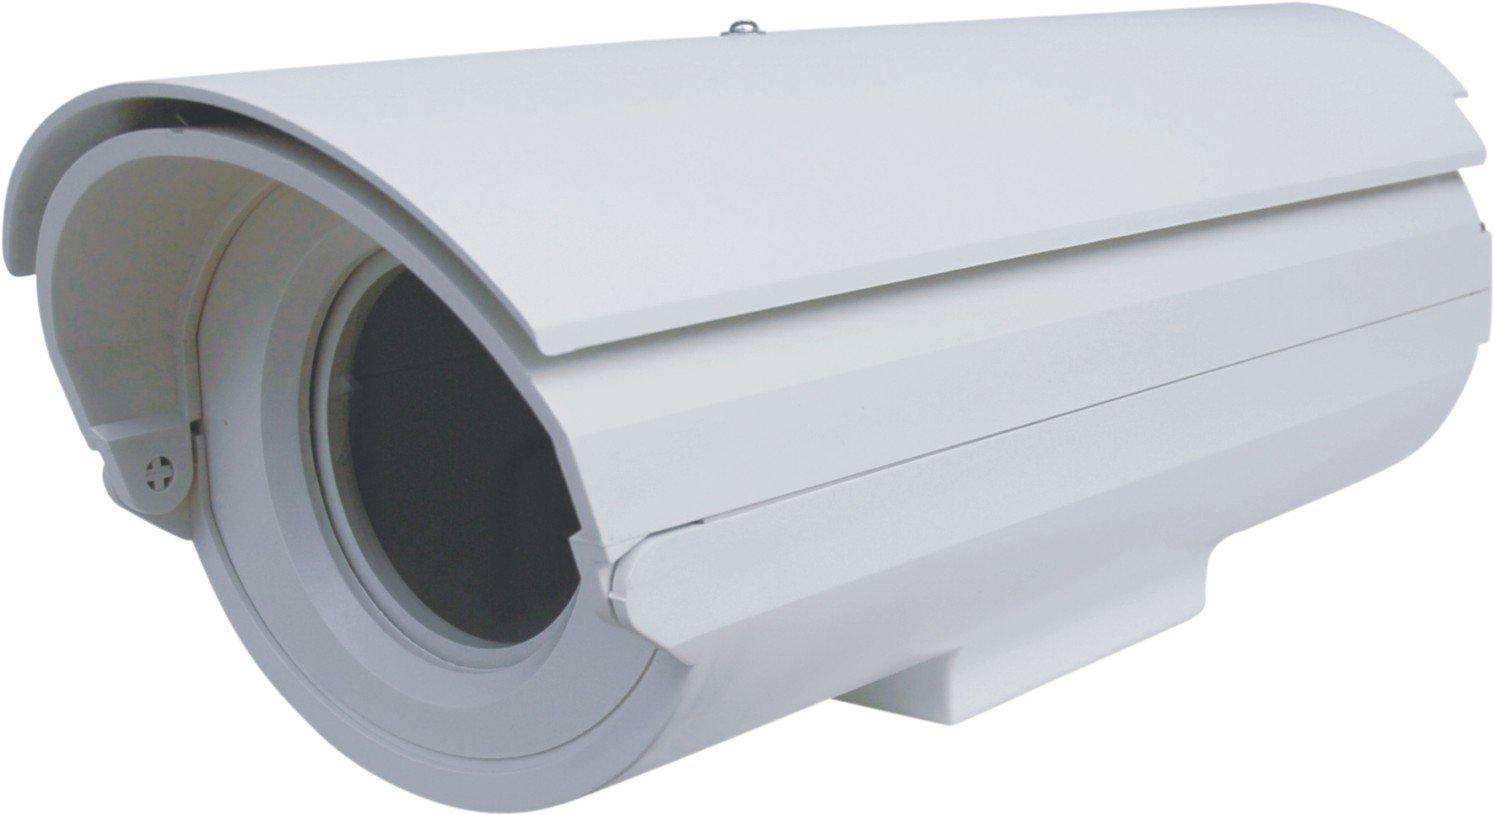 Plastic Cctv Camera Housing/enclosure-in CCTV Camera